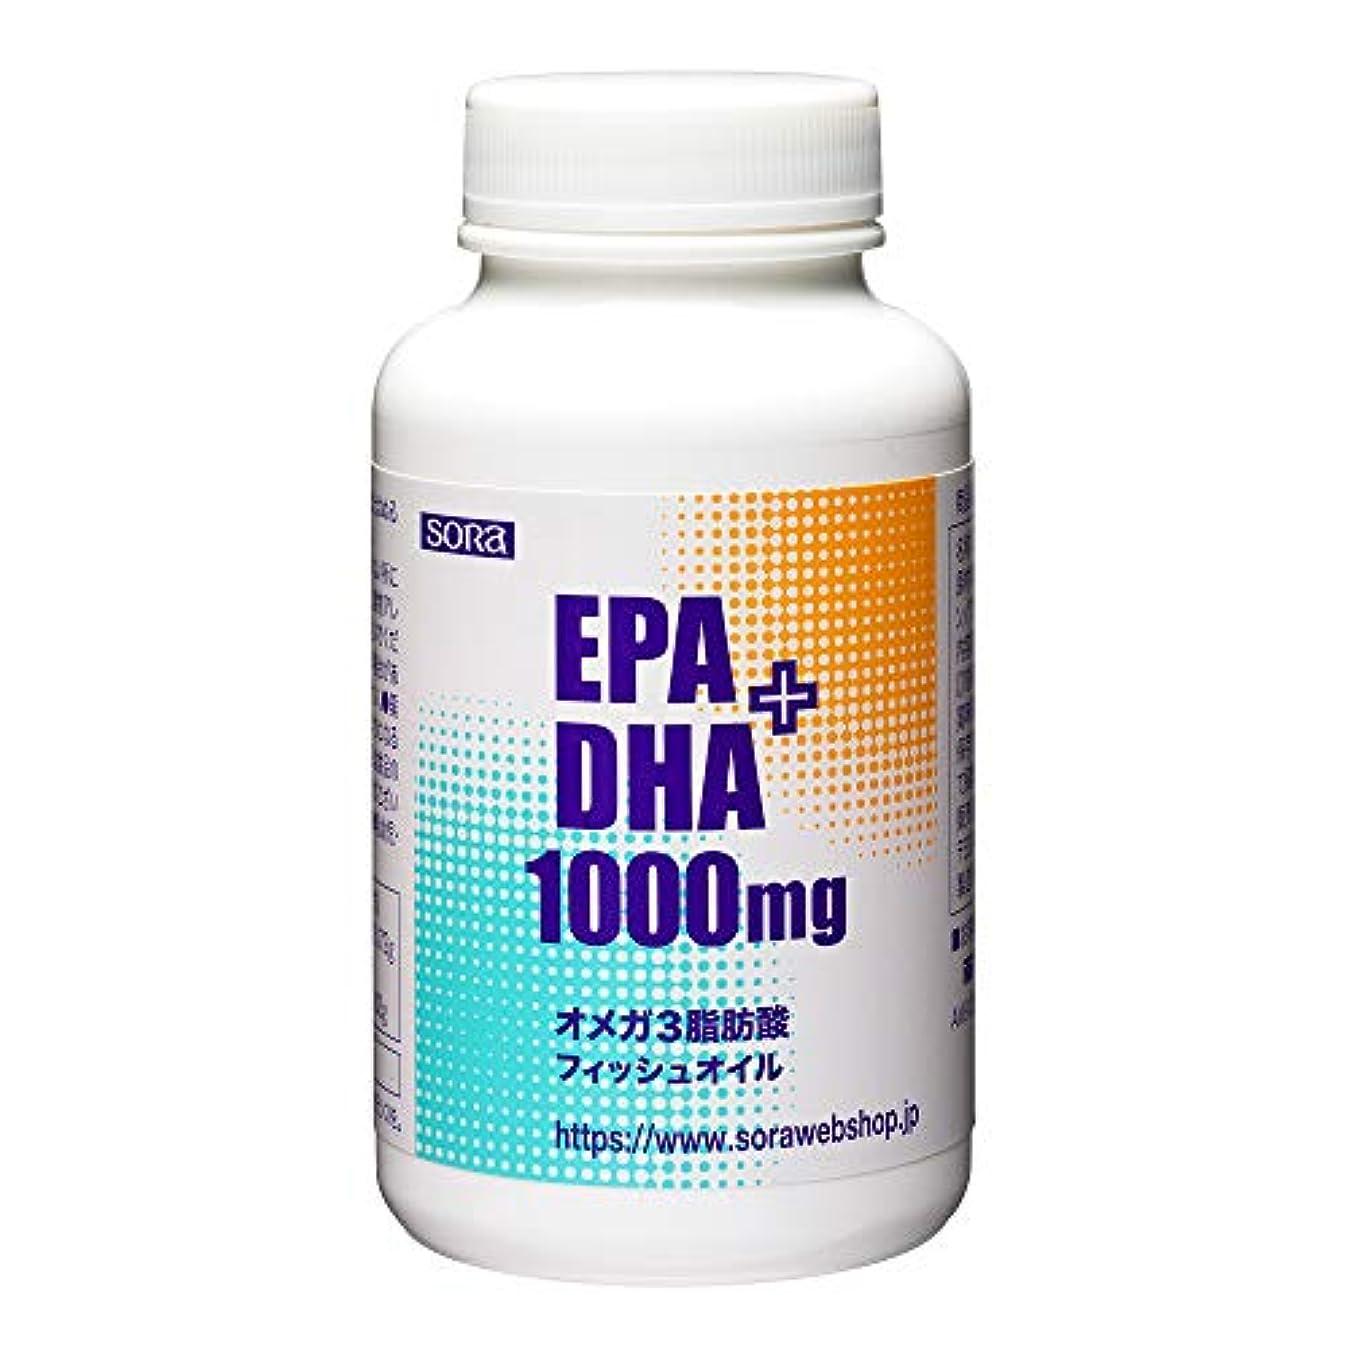 レッドデート歩き回るパスタそら EPA+DHA 1000mg (魚のオイル オメガ3 180粒入)